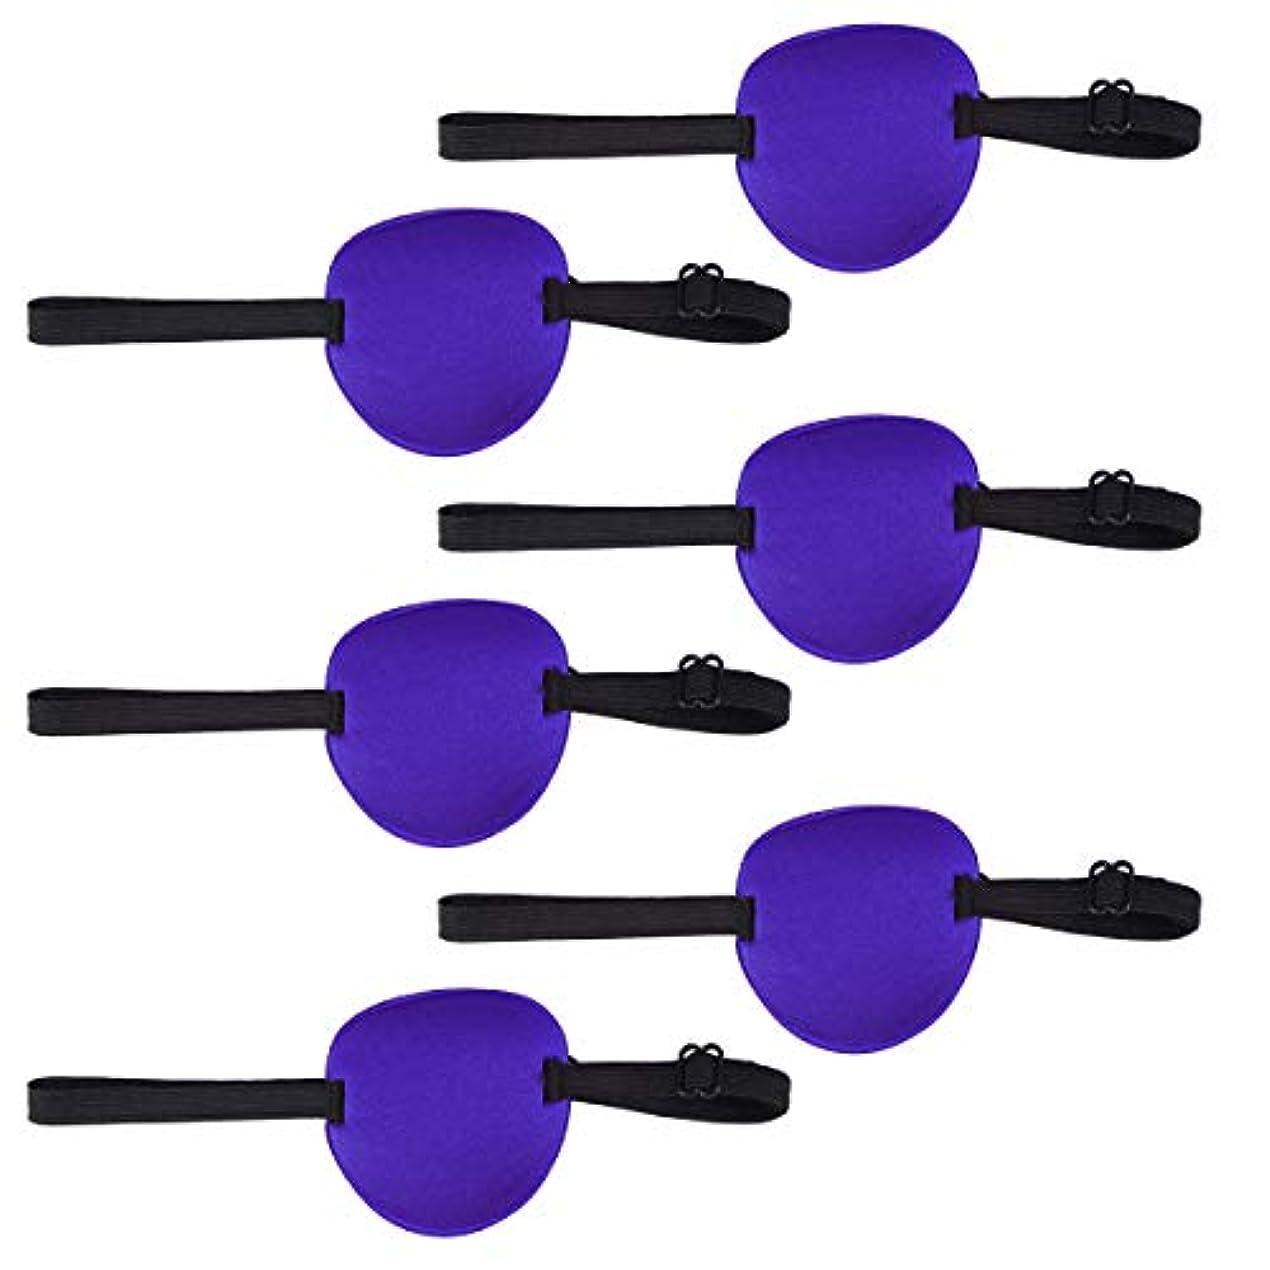 サーフィン実業家ステーキHealifty 弱視の目のパッチ大人と子供のための調節可能な弾性バックル付き6個の片目スポンジアイパッチ(ブルー)